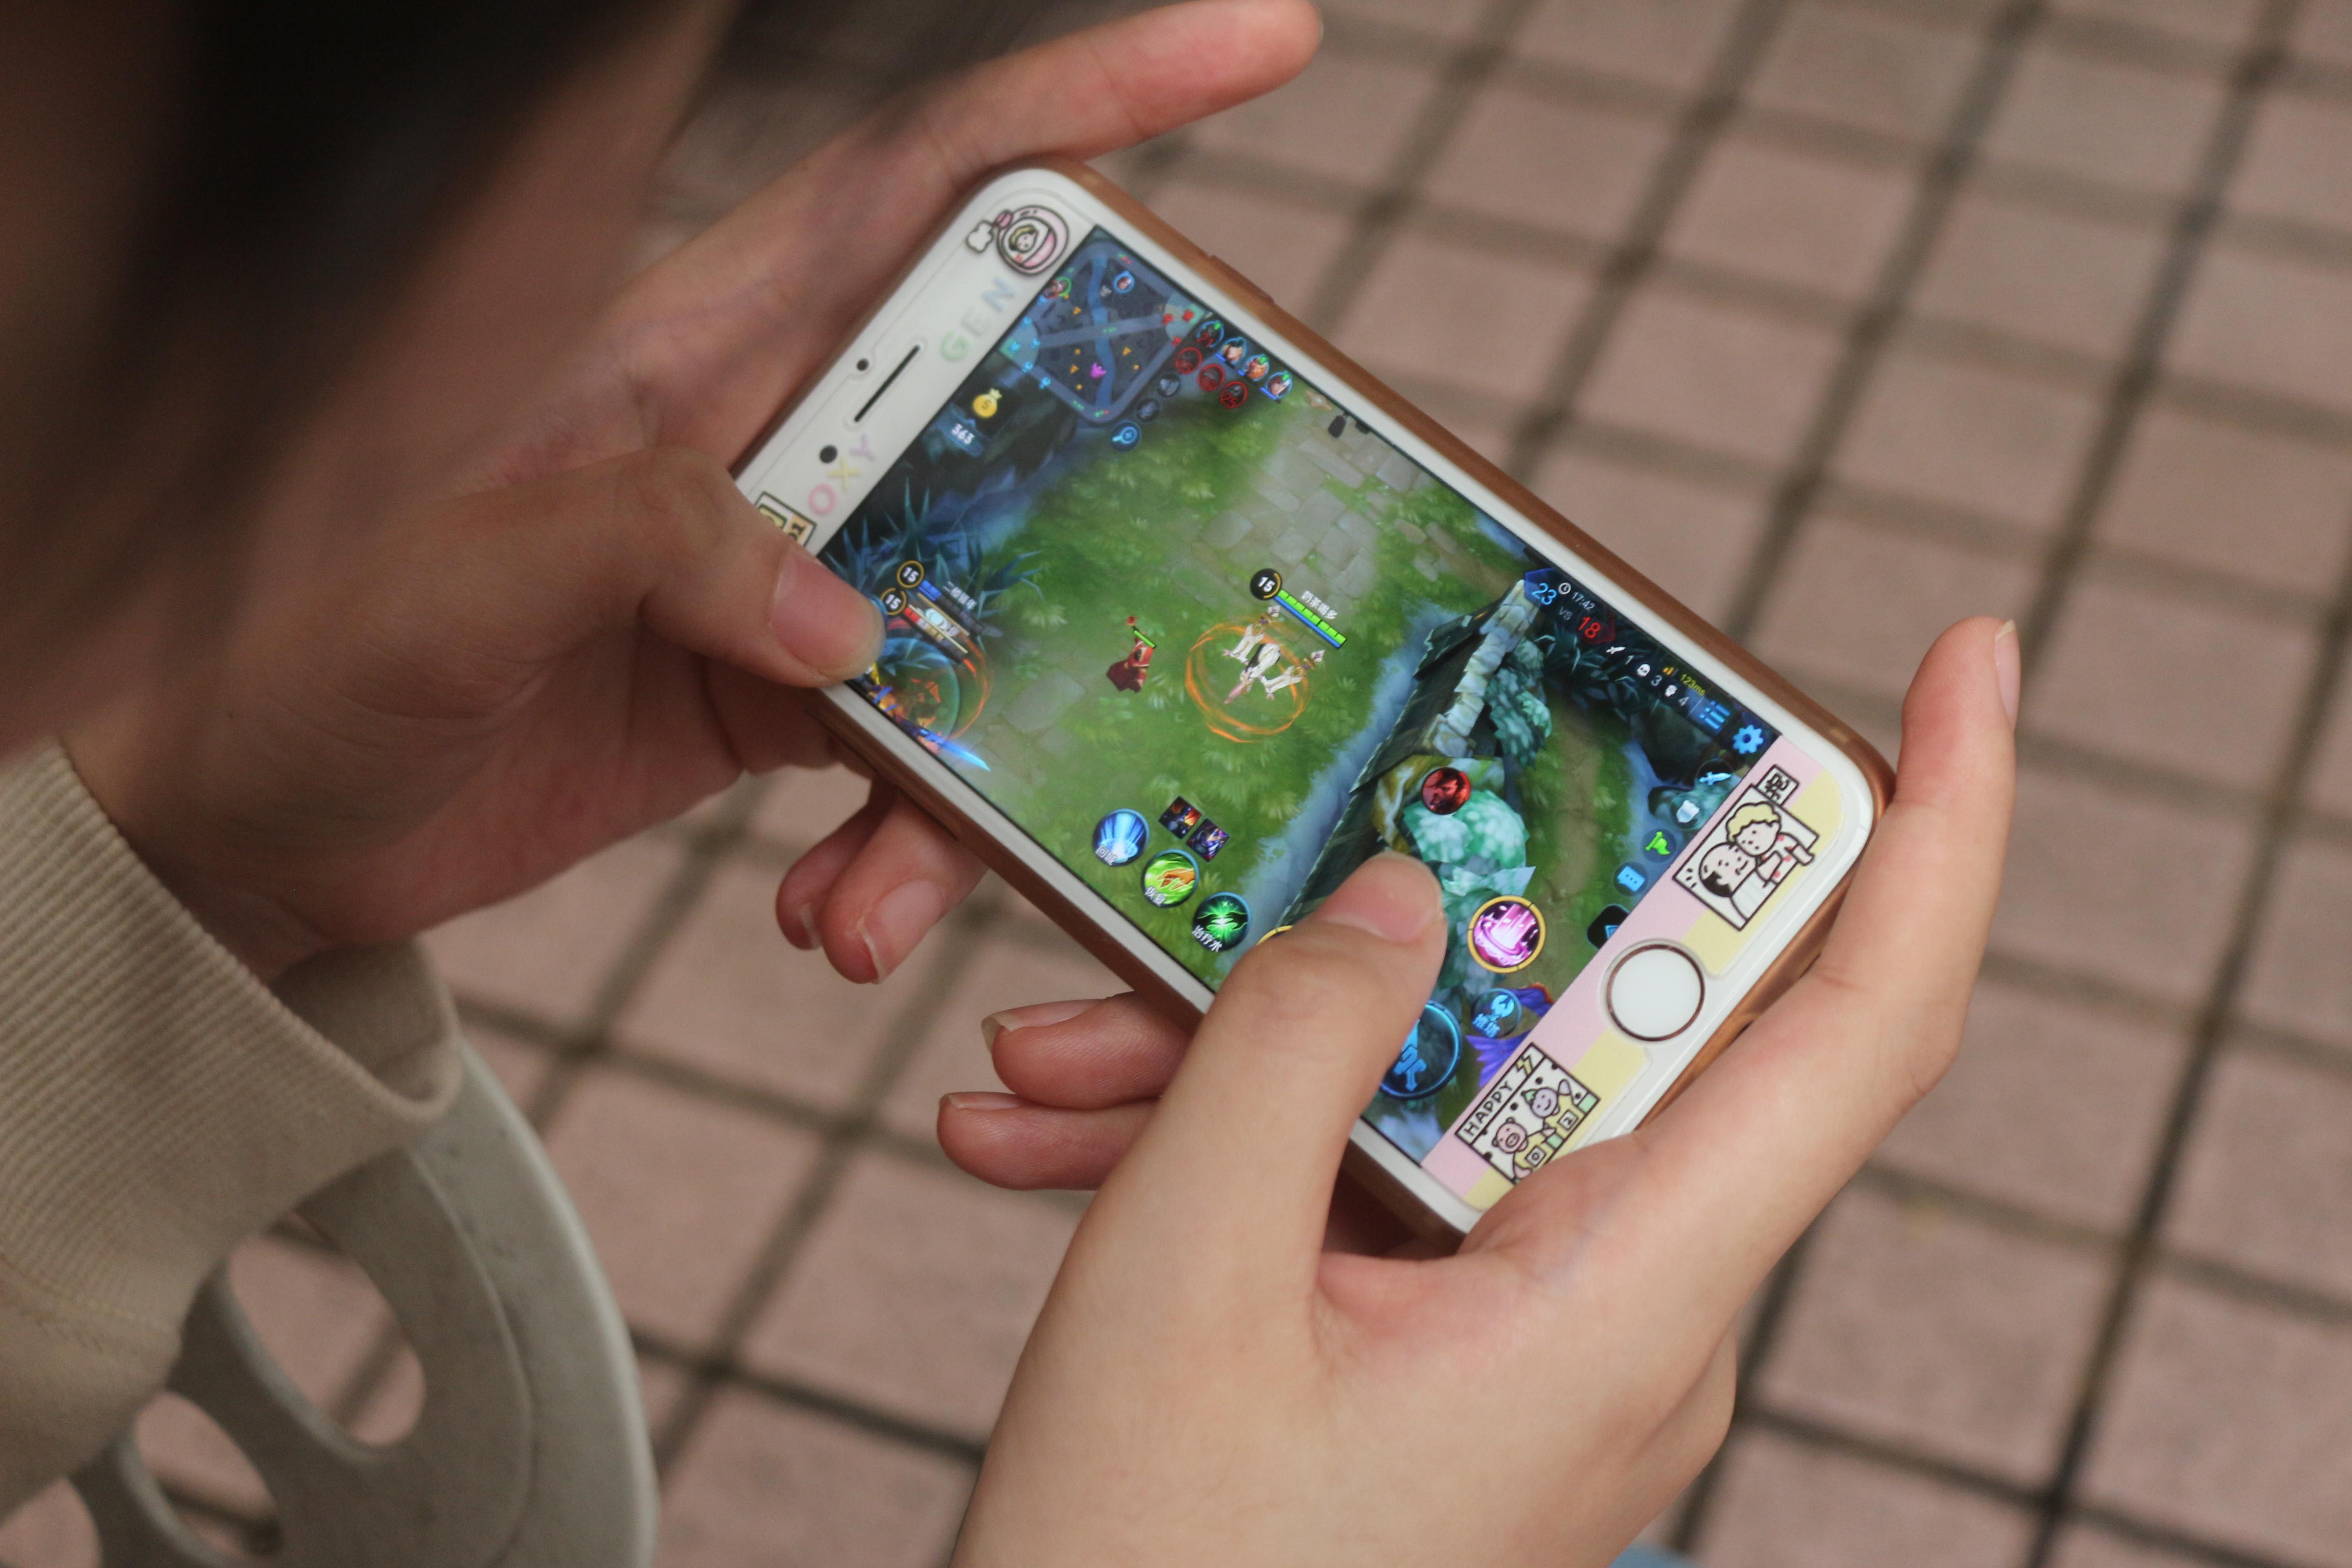 玩家使用手機體驗塔防遊戲。(黃俊翔/攝影)